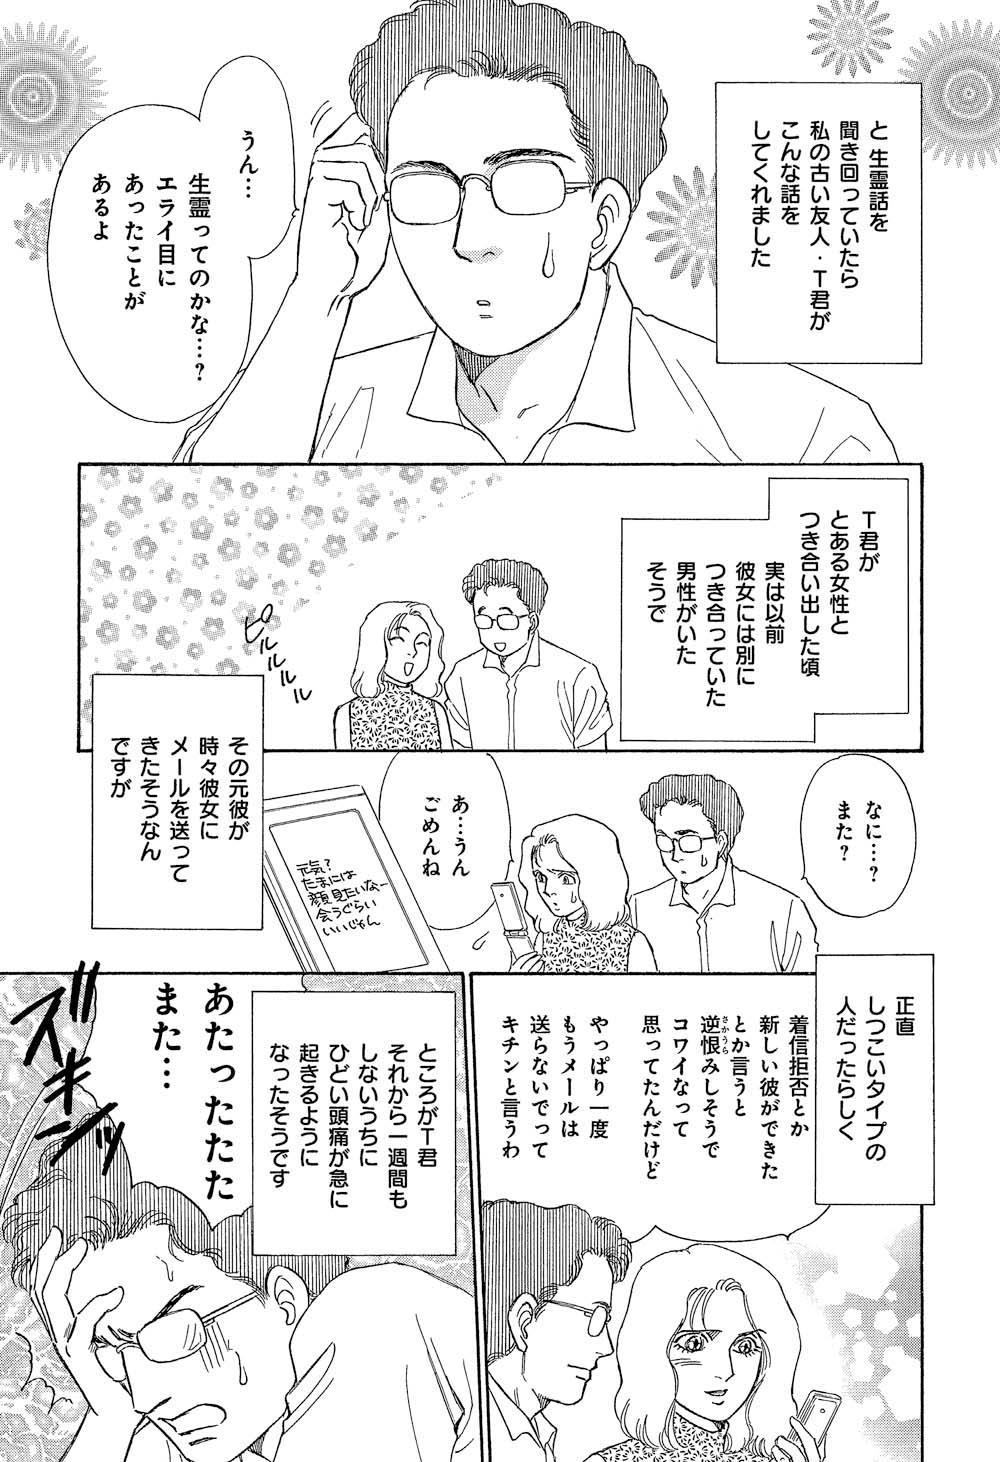 オカルト万華鏡01_084.jpg